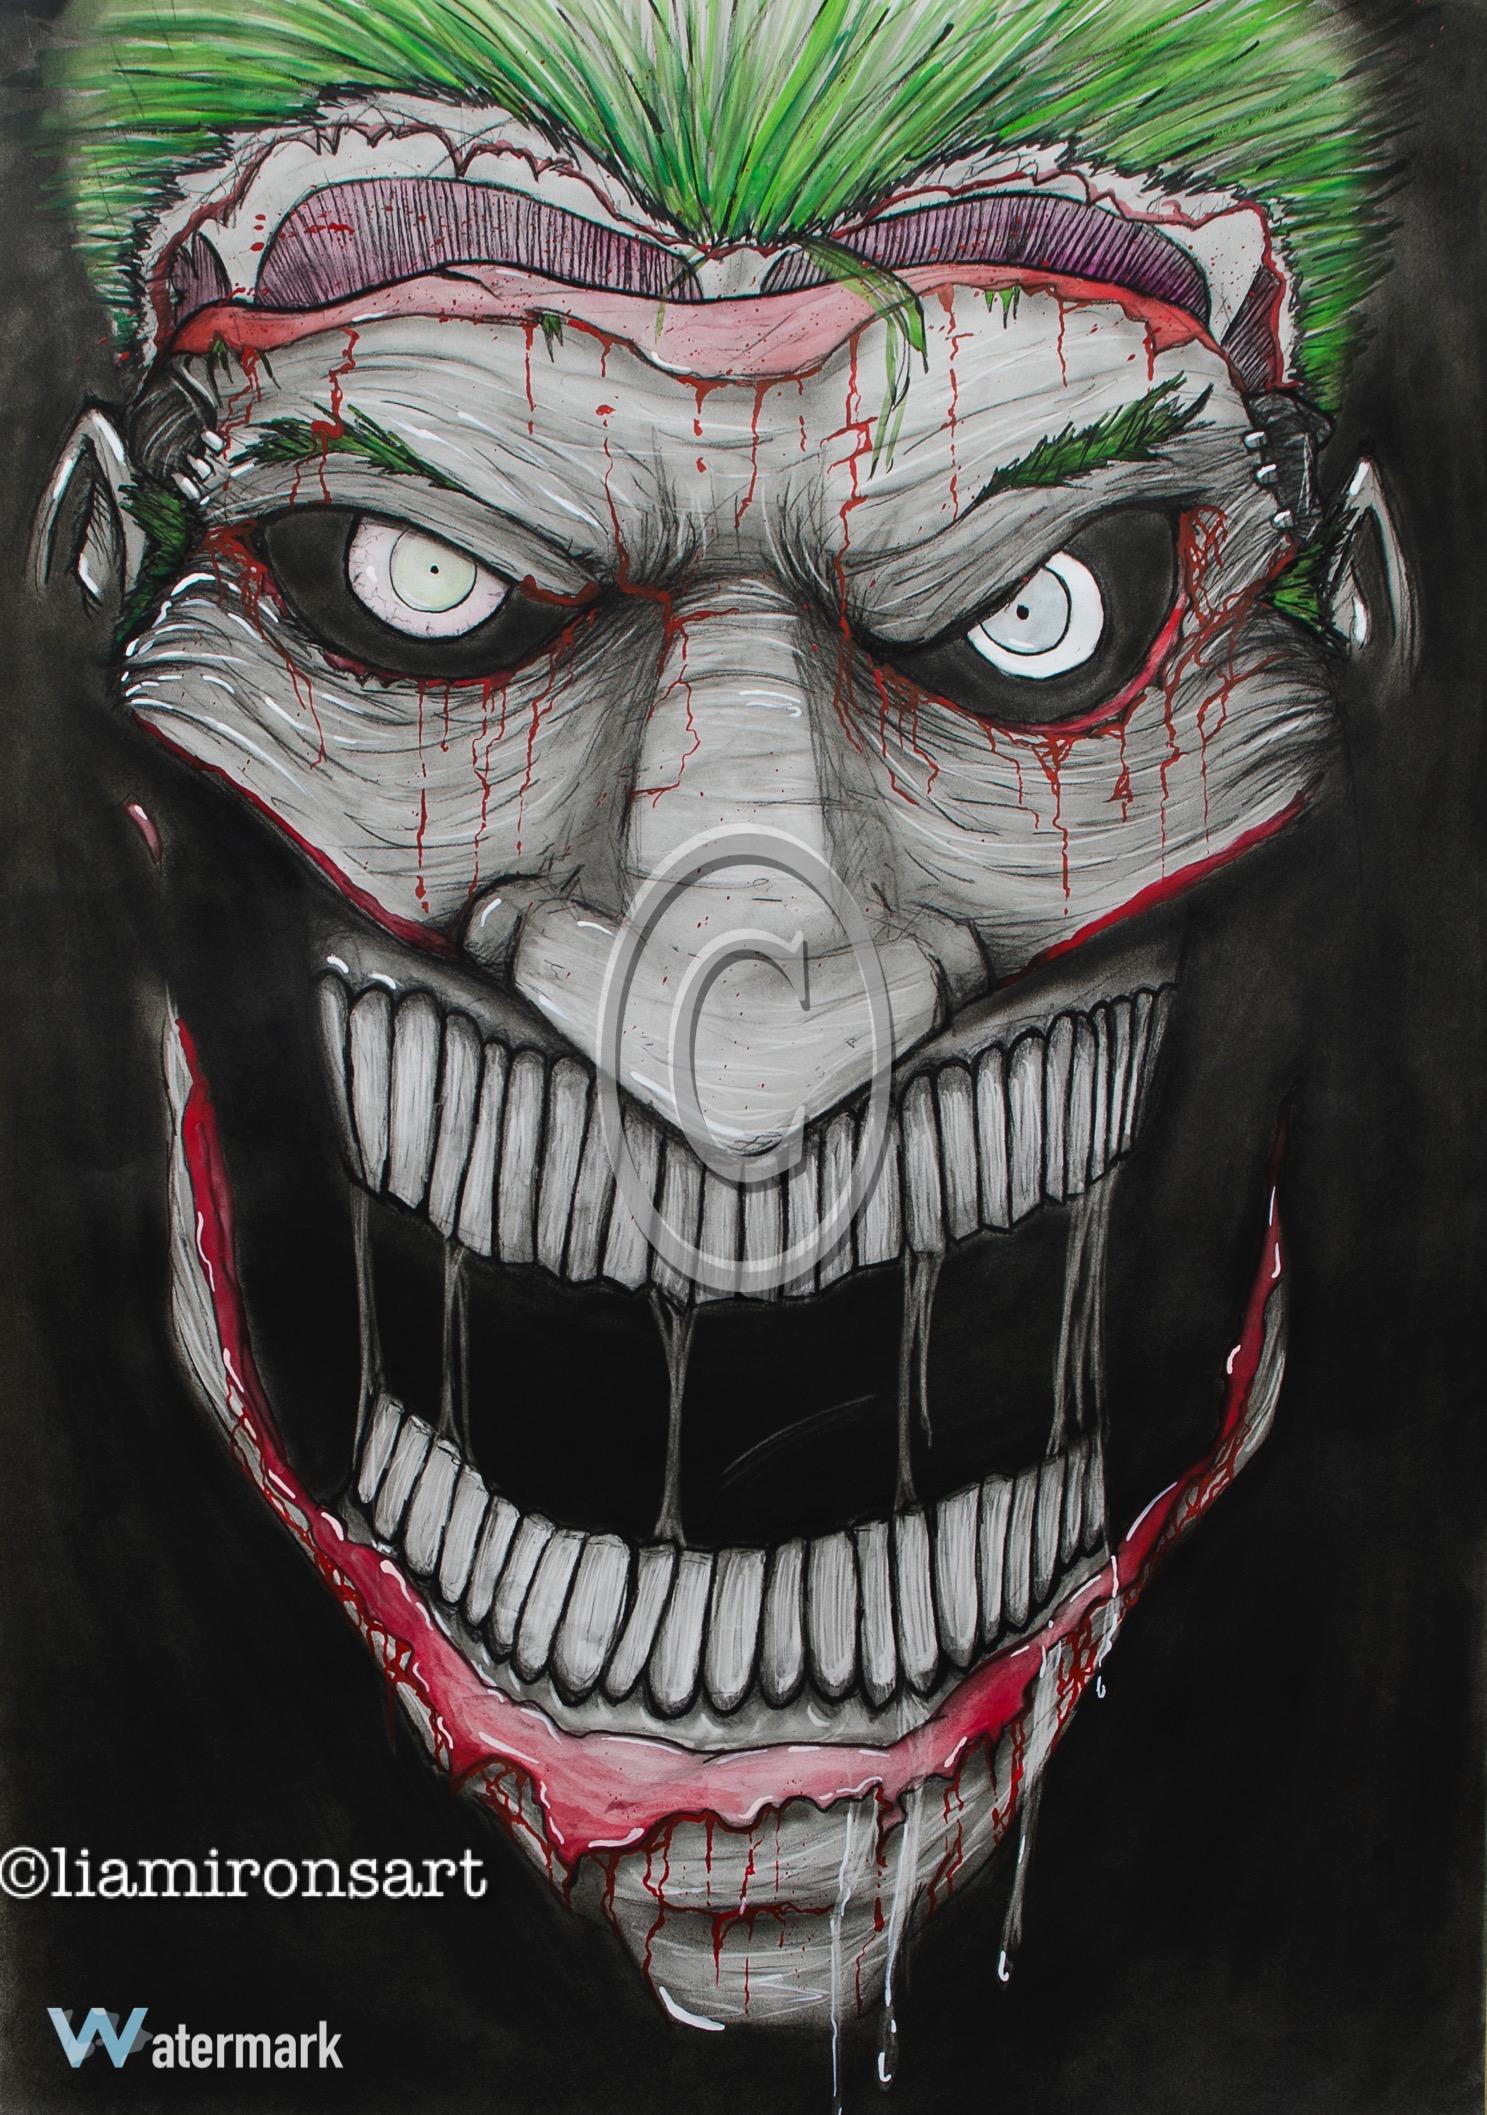 Scurra (joker)